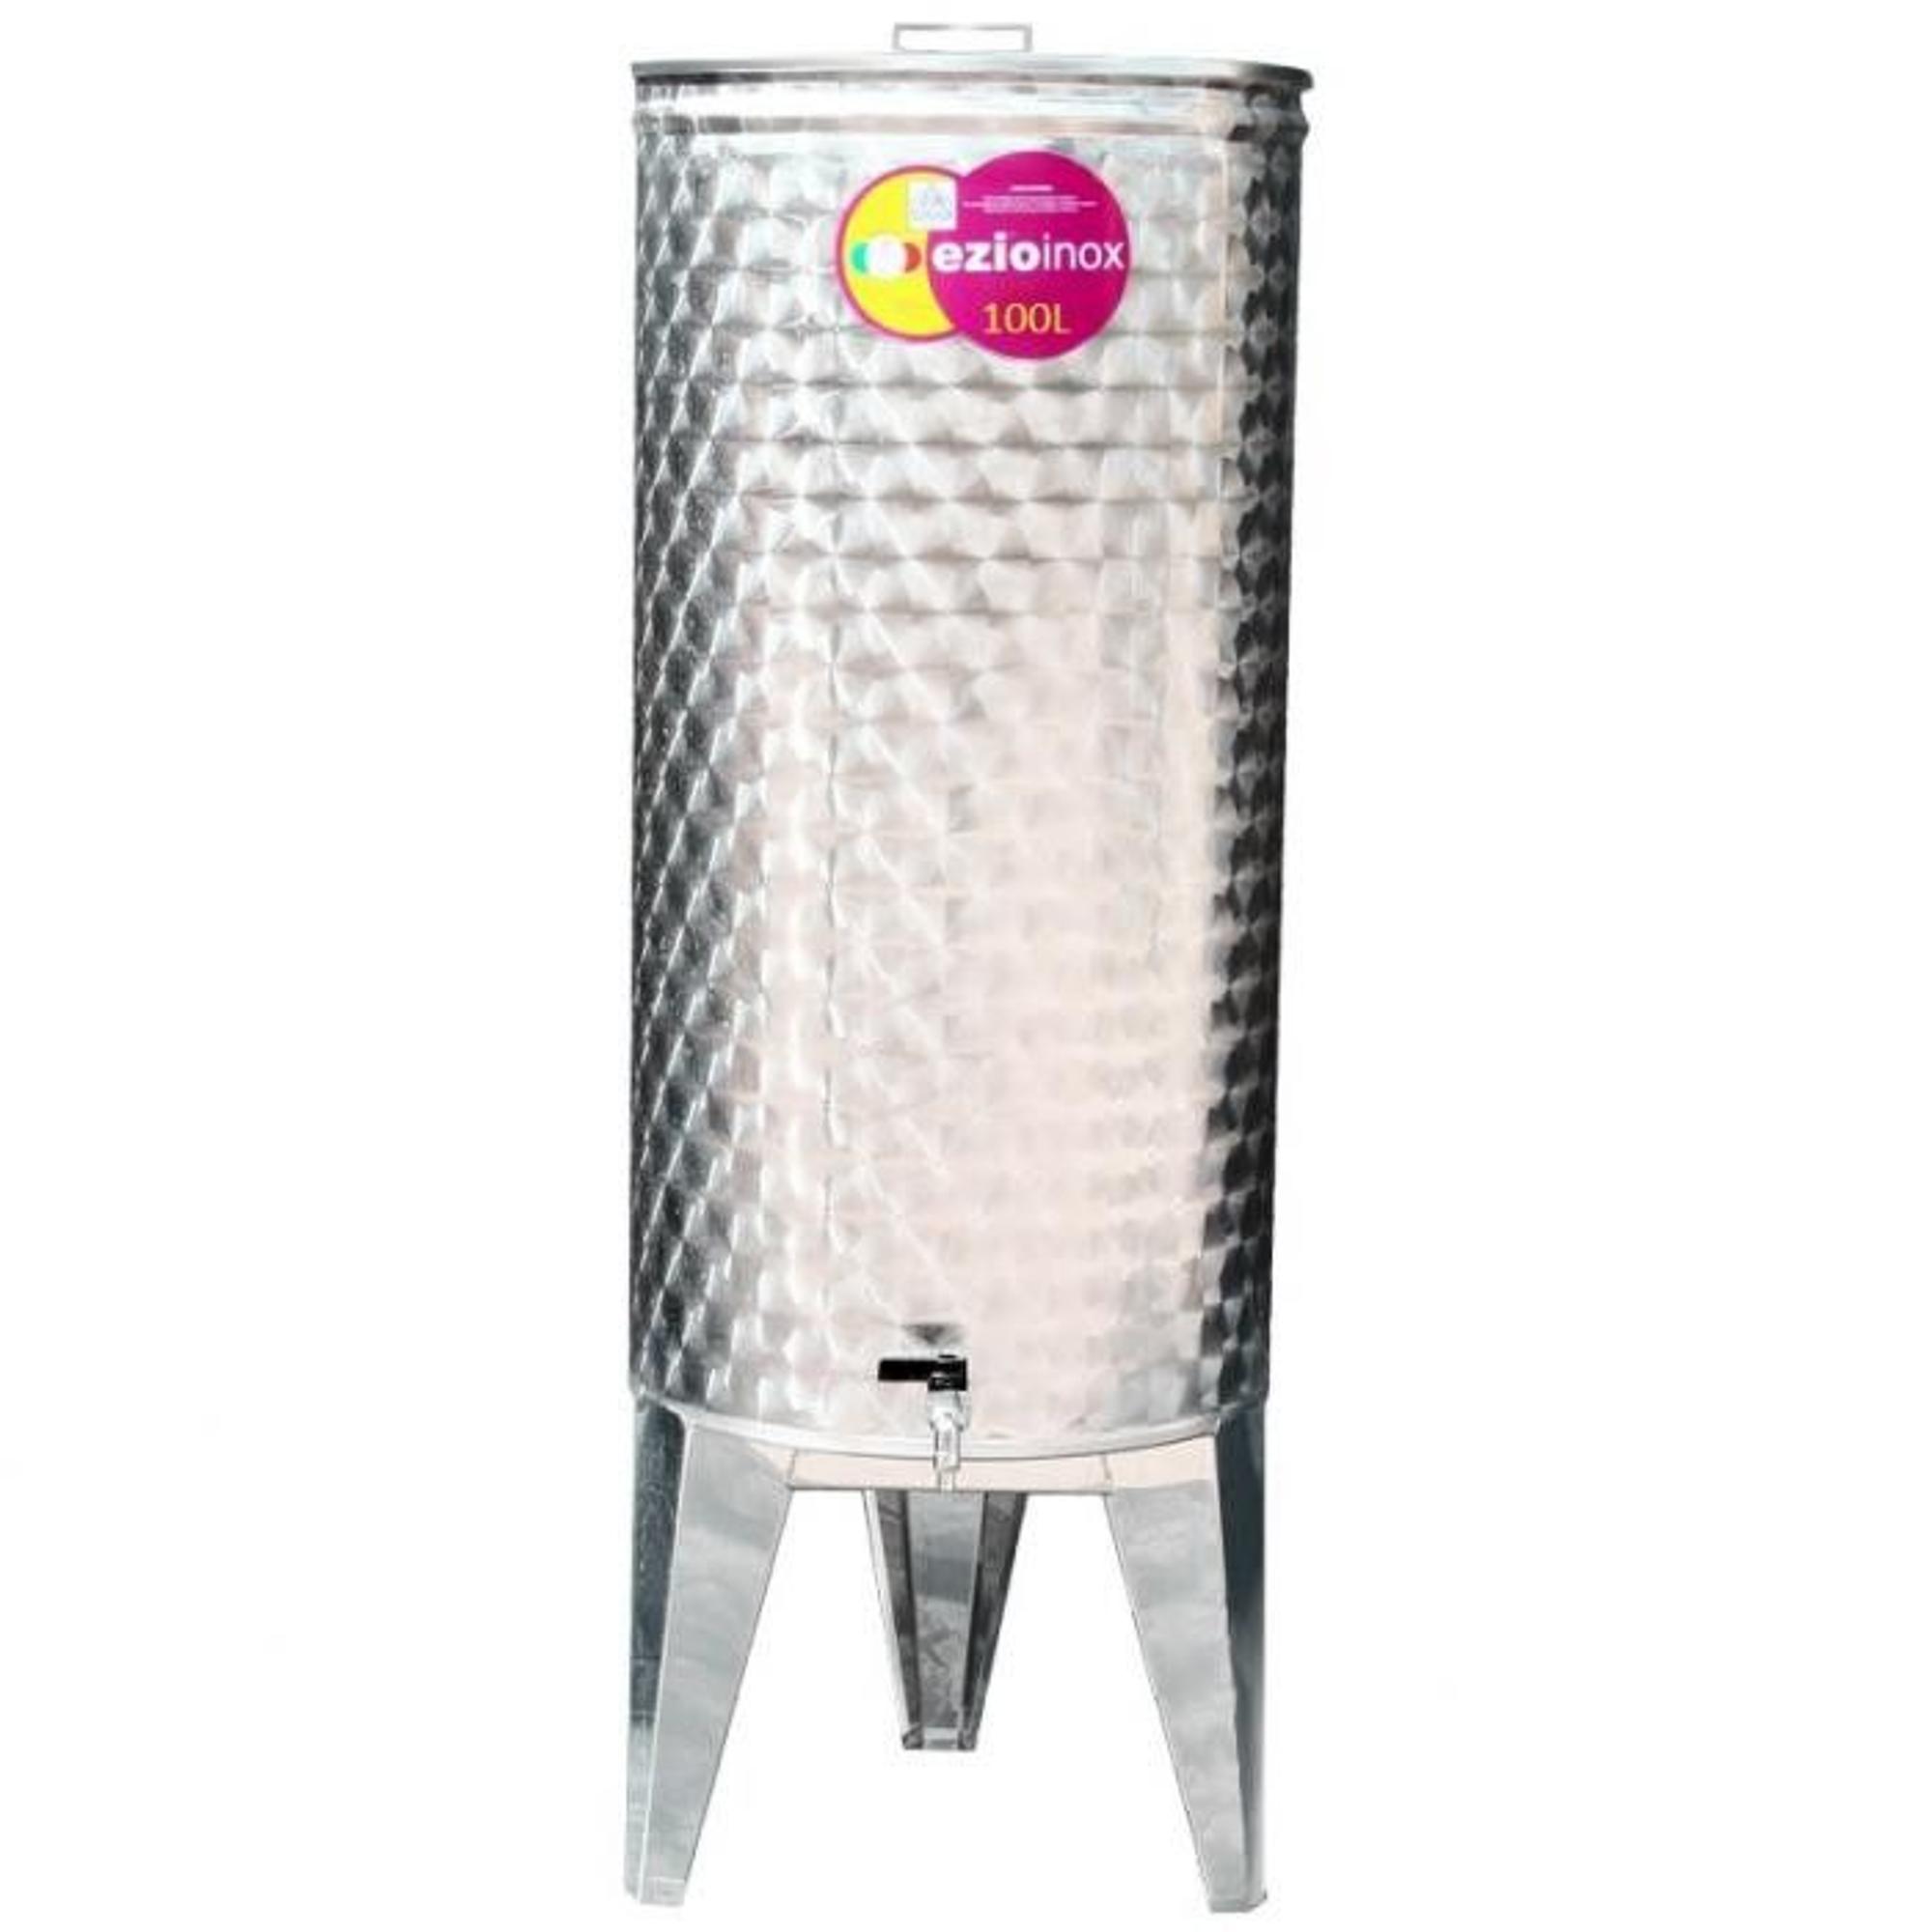 EZIOINOX INOX bortartály 100 literes álló